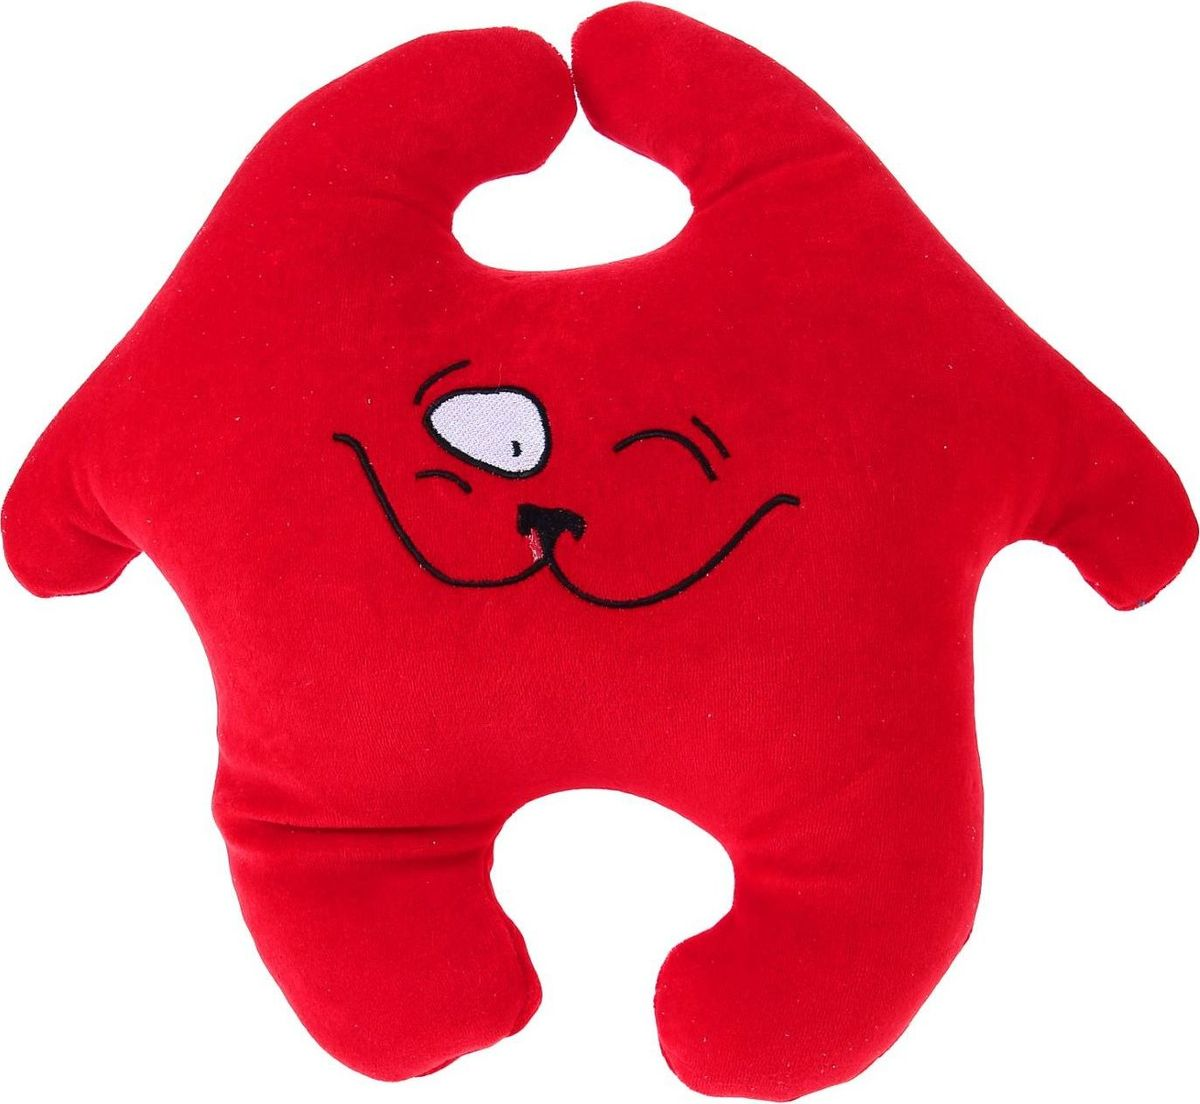 Sima-land Антистрессовая игрушка Заяц Хрустик 05 цвет красный кошельки mano портмоне для авиабилетов